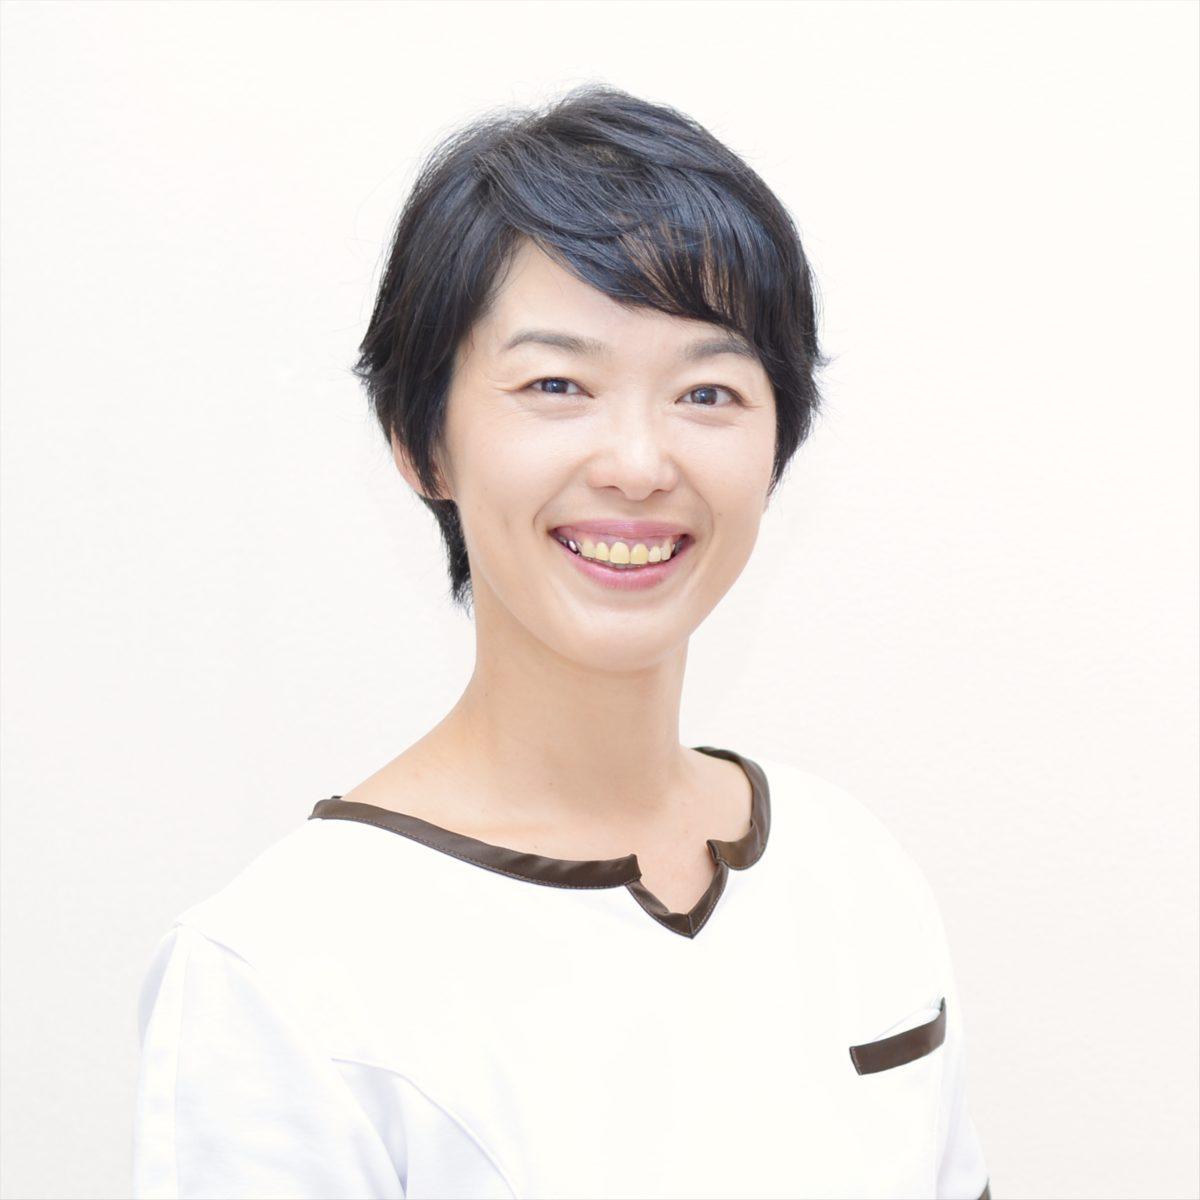 西村明希さま シンメトリー美人®︎セラピスト 兵庫県(30代)